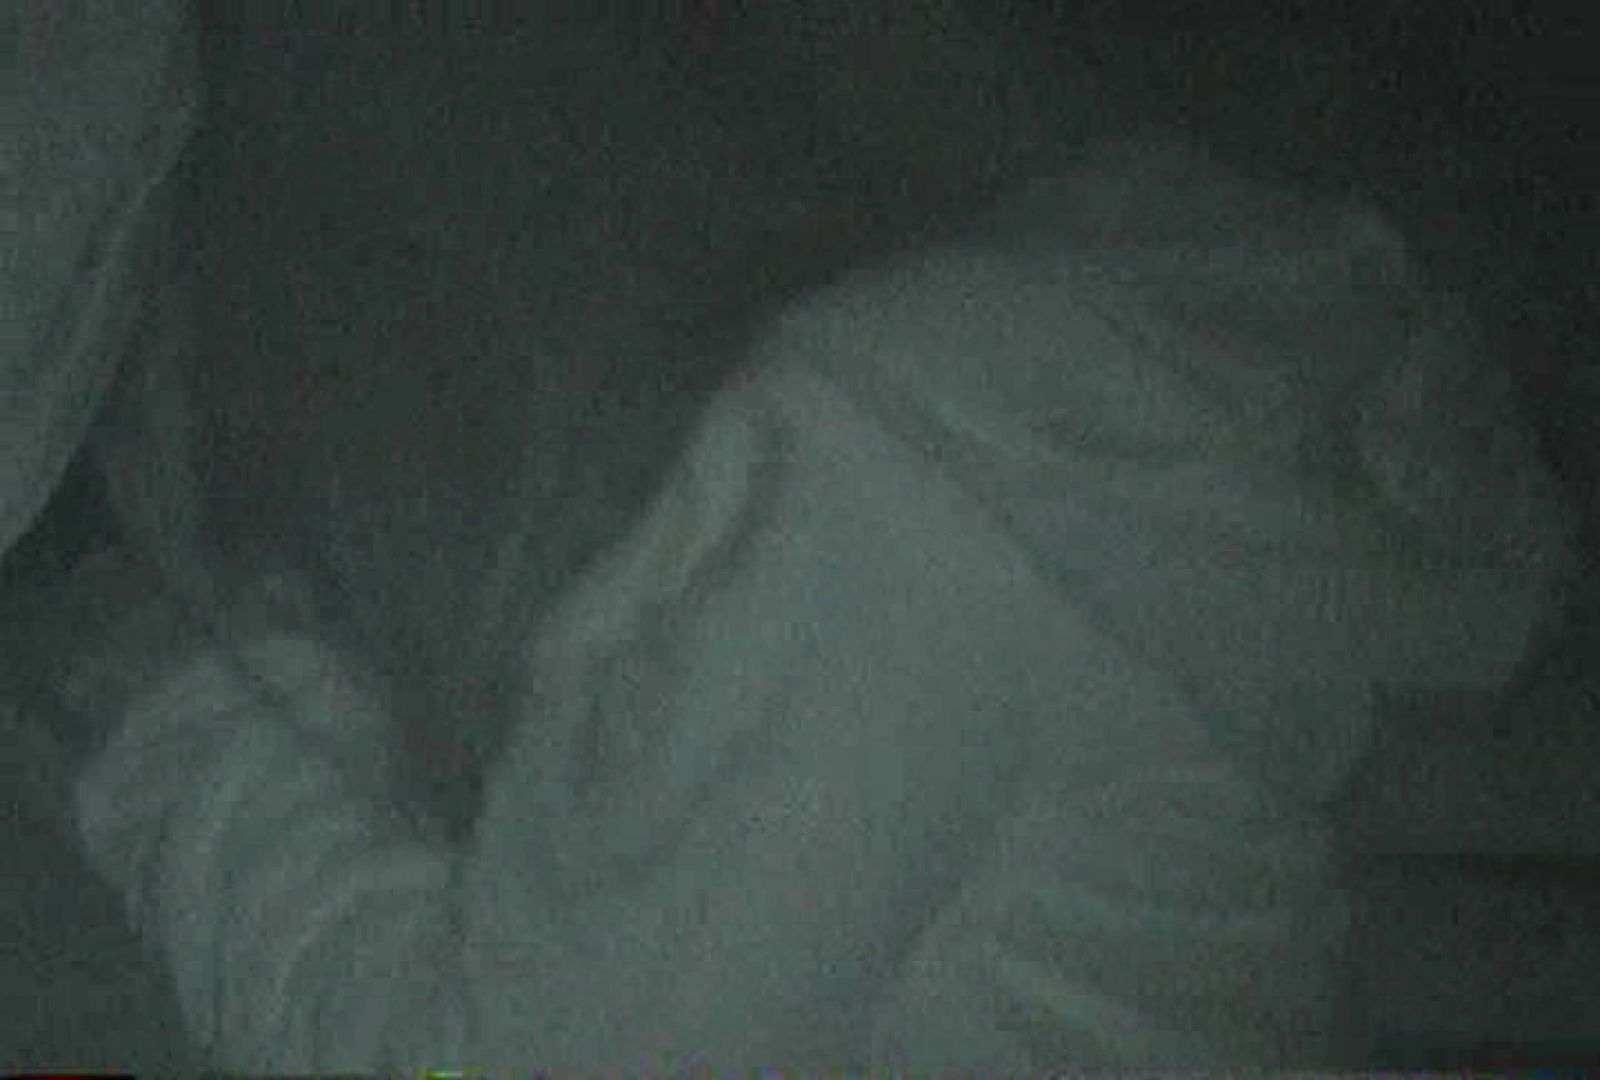 充血監督の深夜の運動会Vol.112 カップルもろsex オマンコ無修正動画無料 83PICs 74